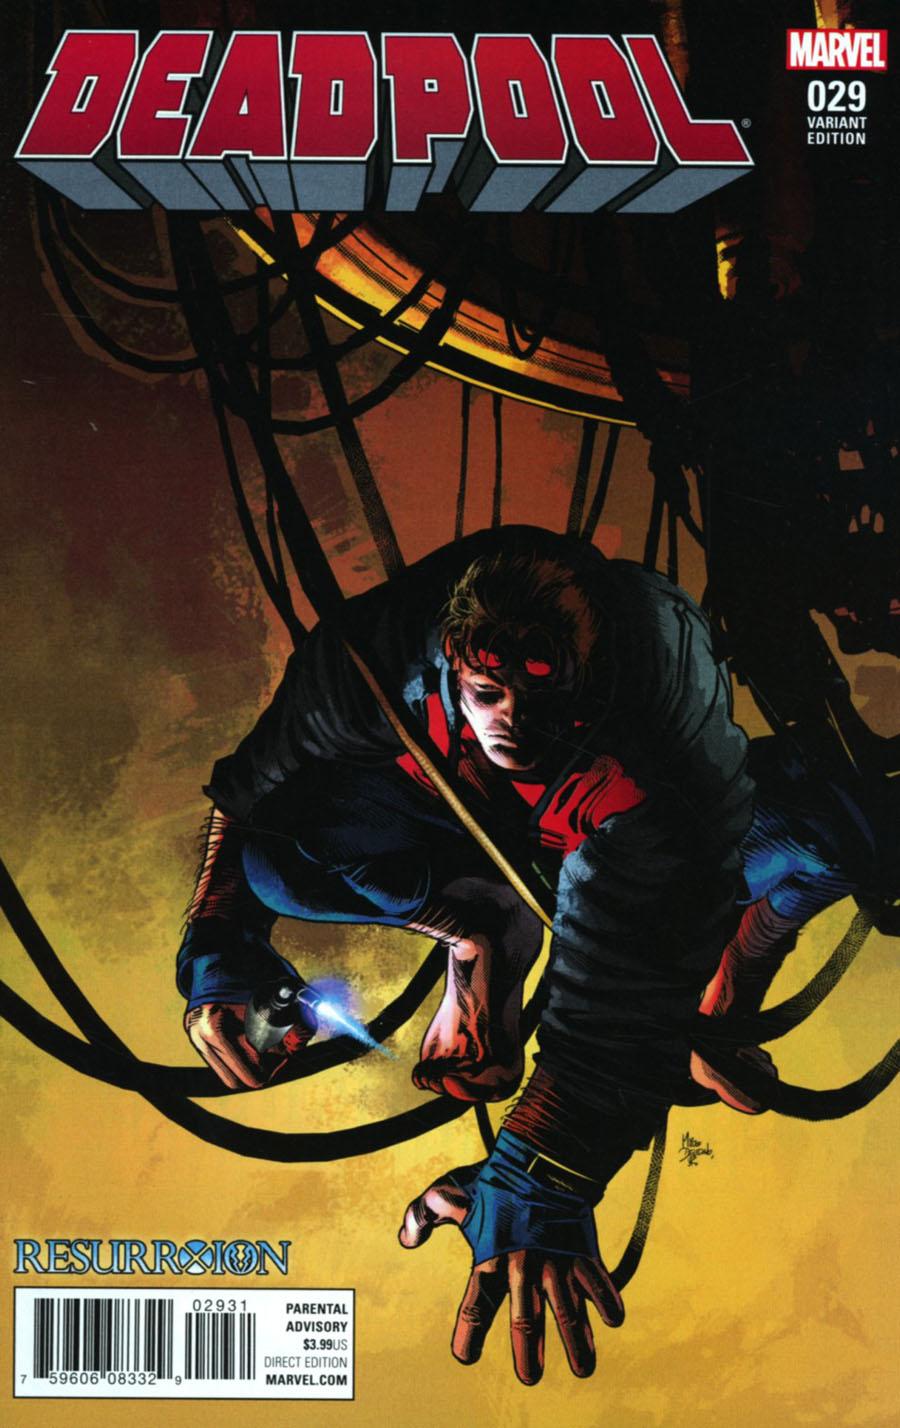 Deadpool Vol 5 #29 Cover C Variant Mike Deodato Jr Resurrxion Cover (Til Death Do Us Part 6)